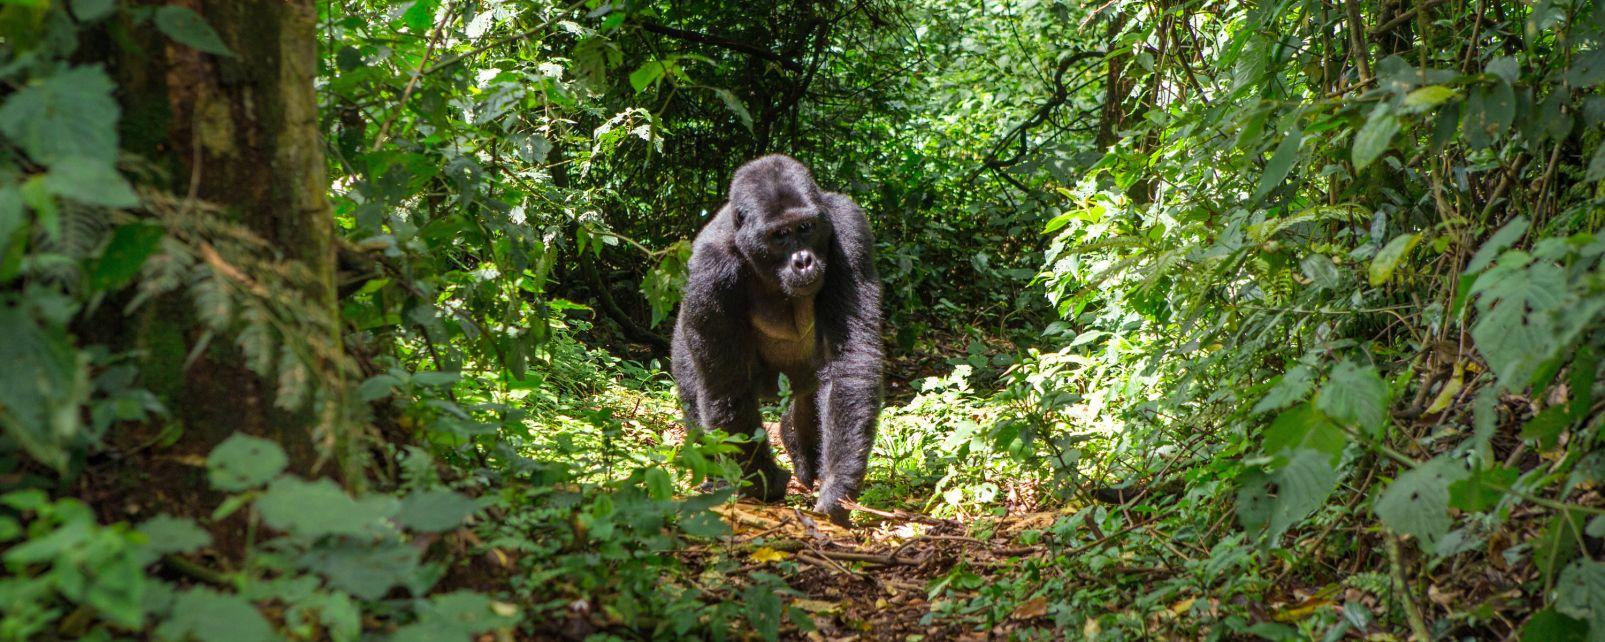 La fauna, Fauna y flora, República Democrática del Congo